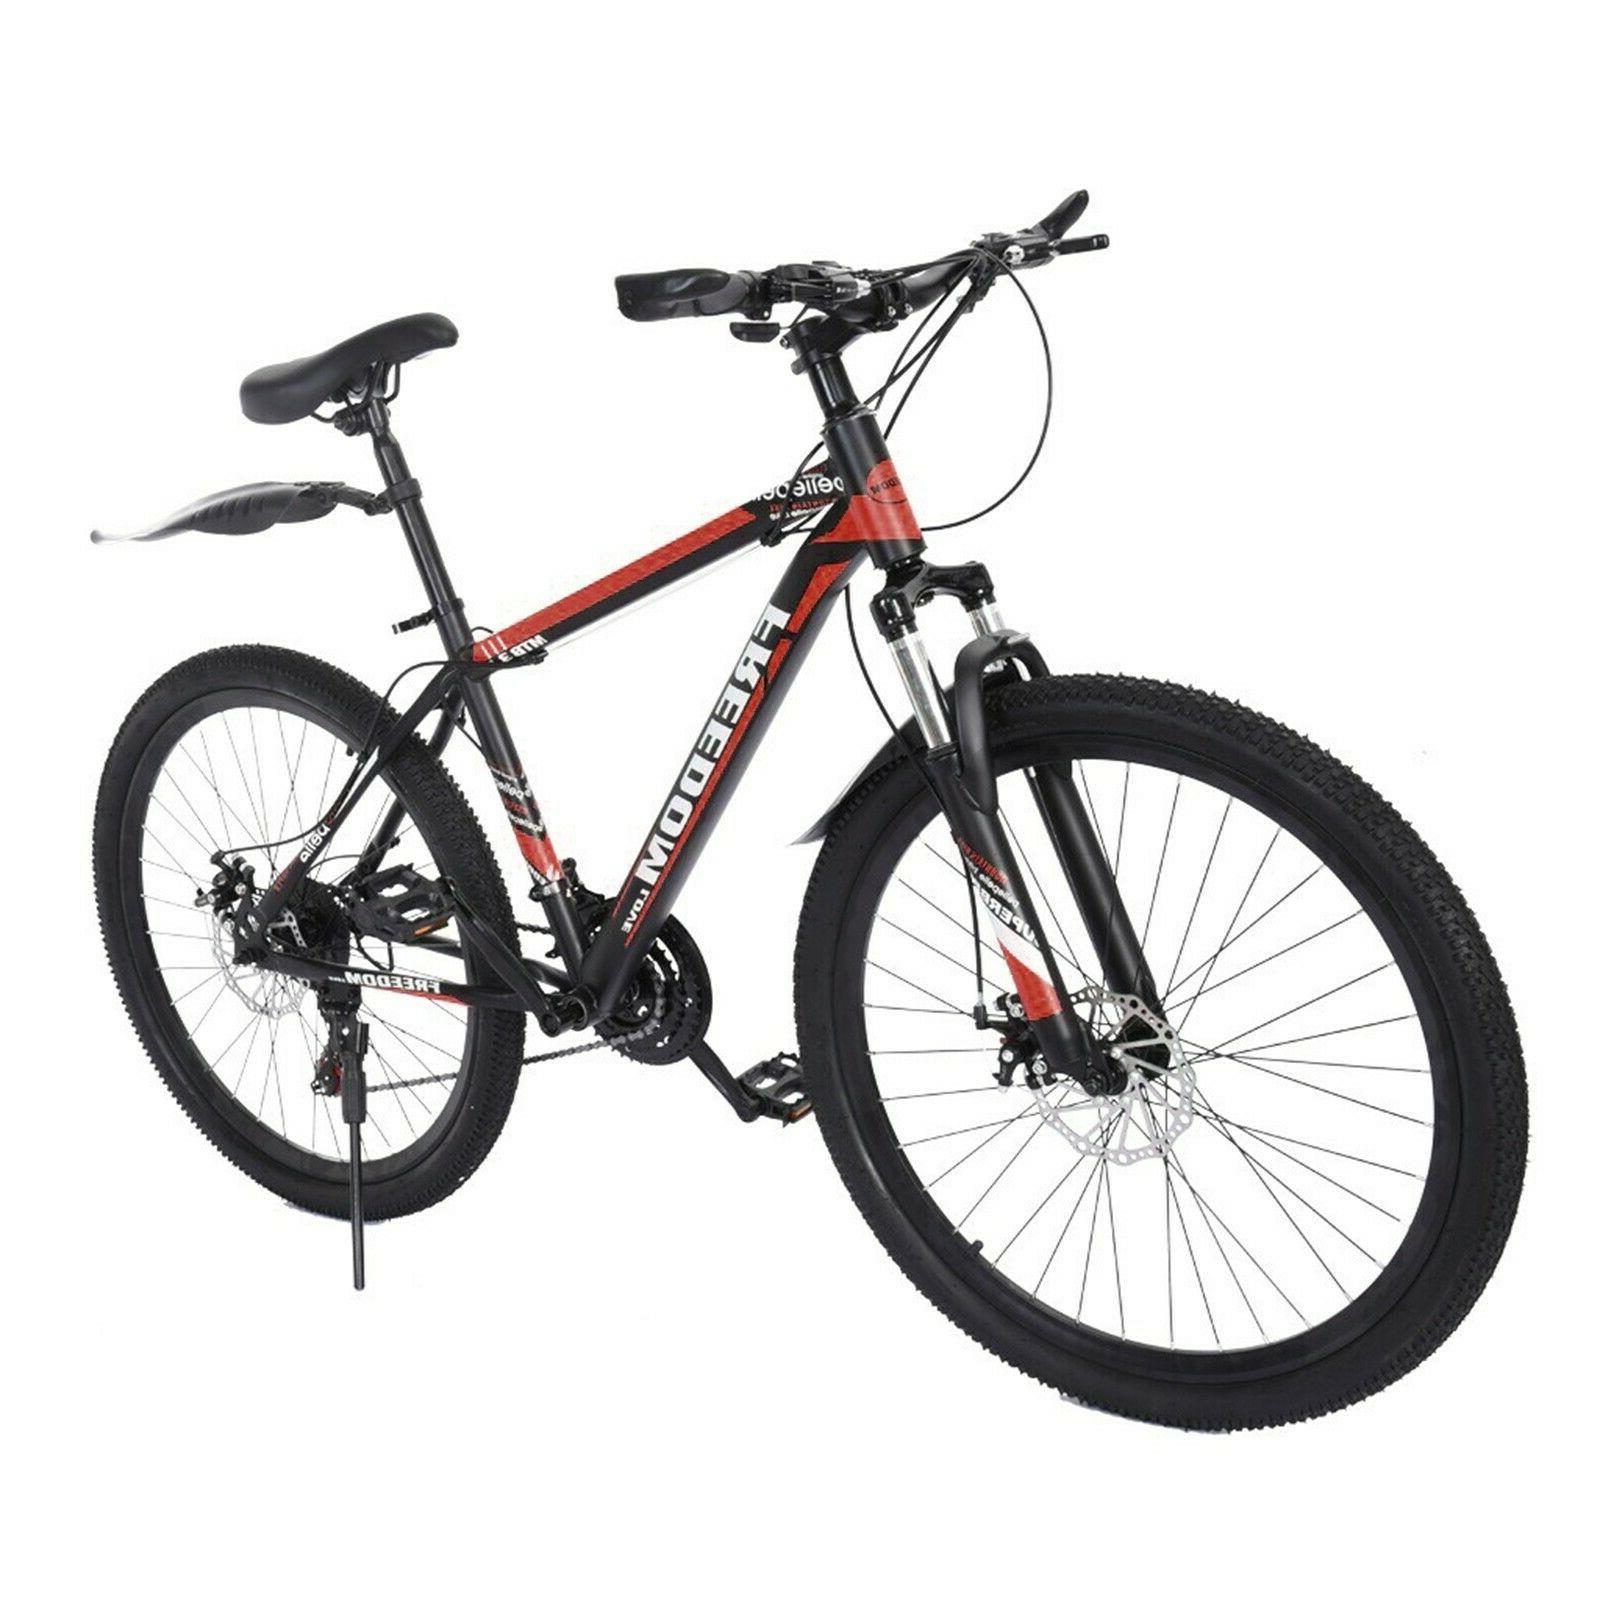 Full 21 Speed Disc Brake Women&Men's Bikes Bicycle MTB